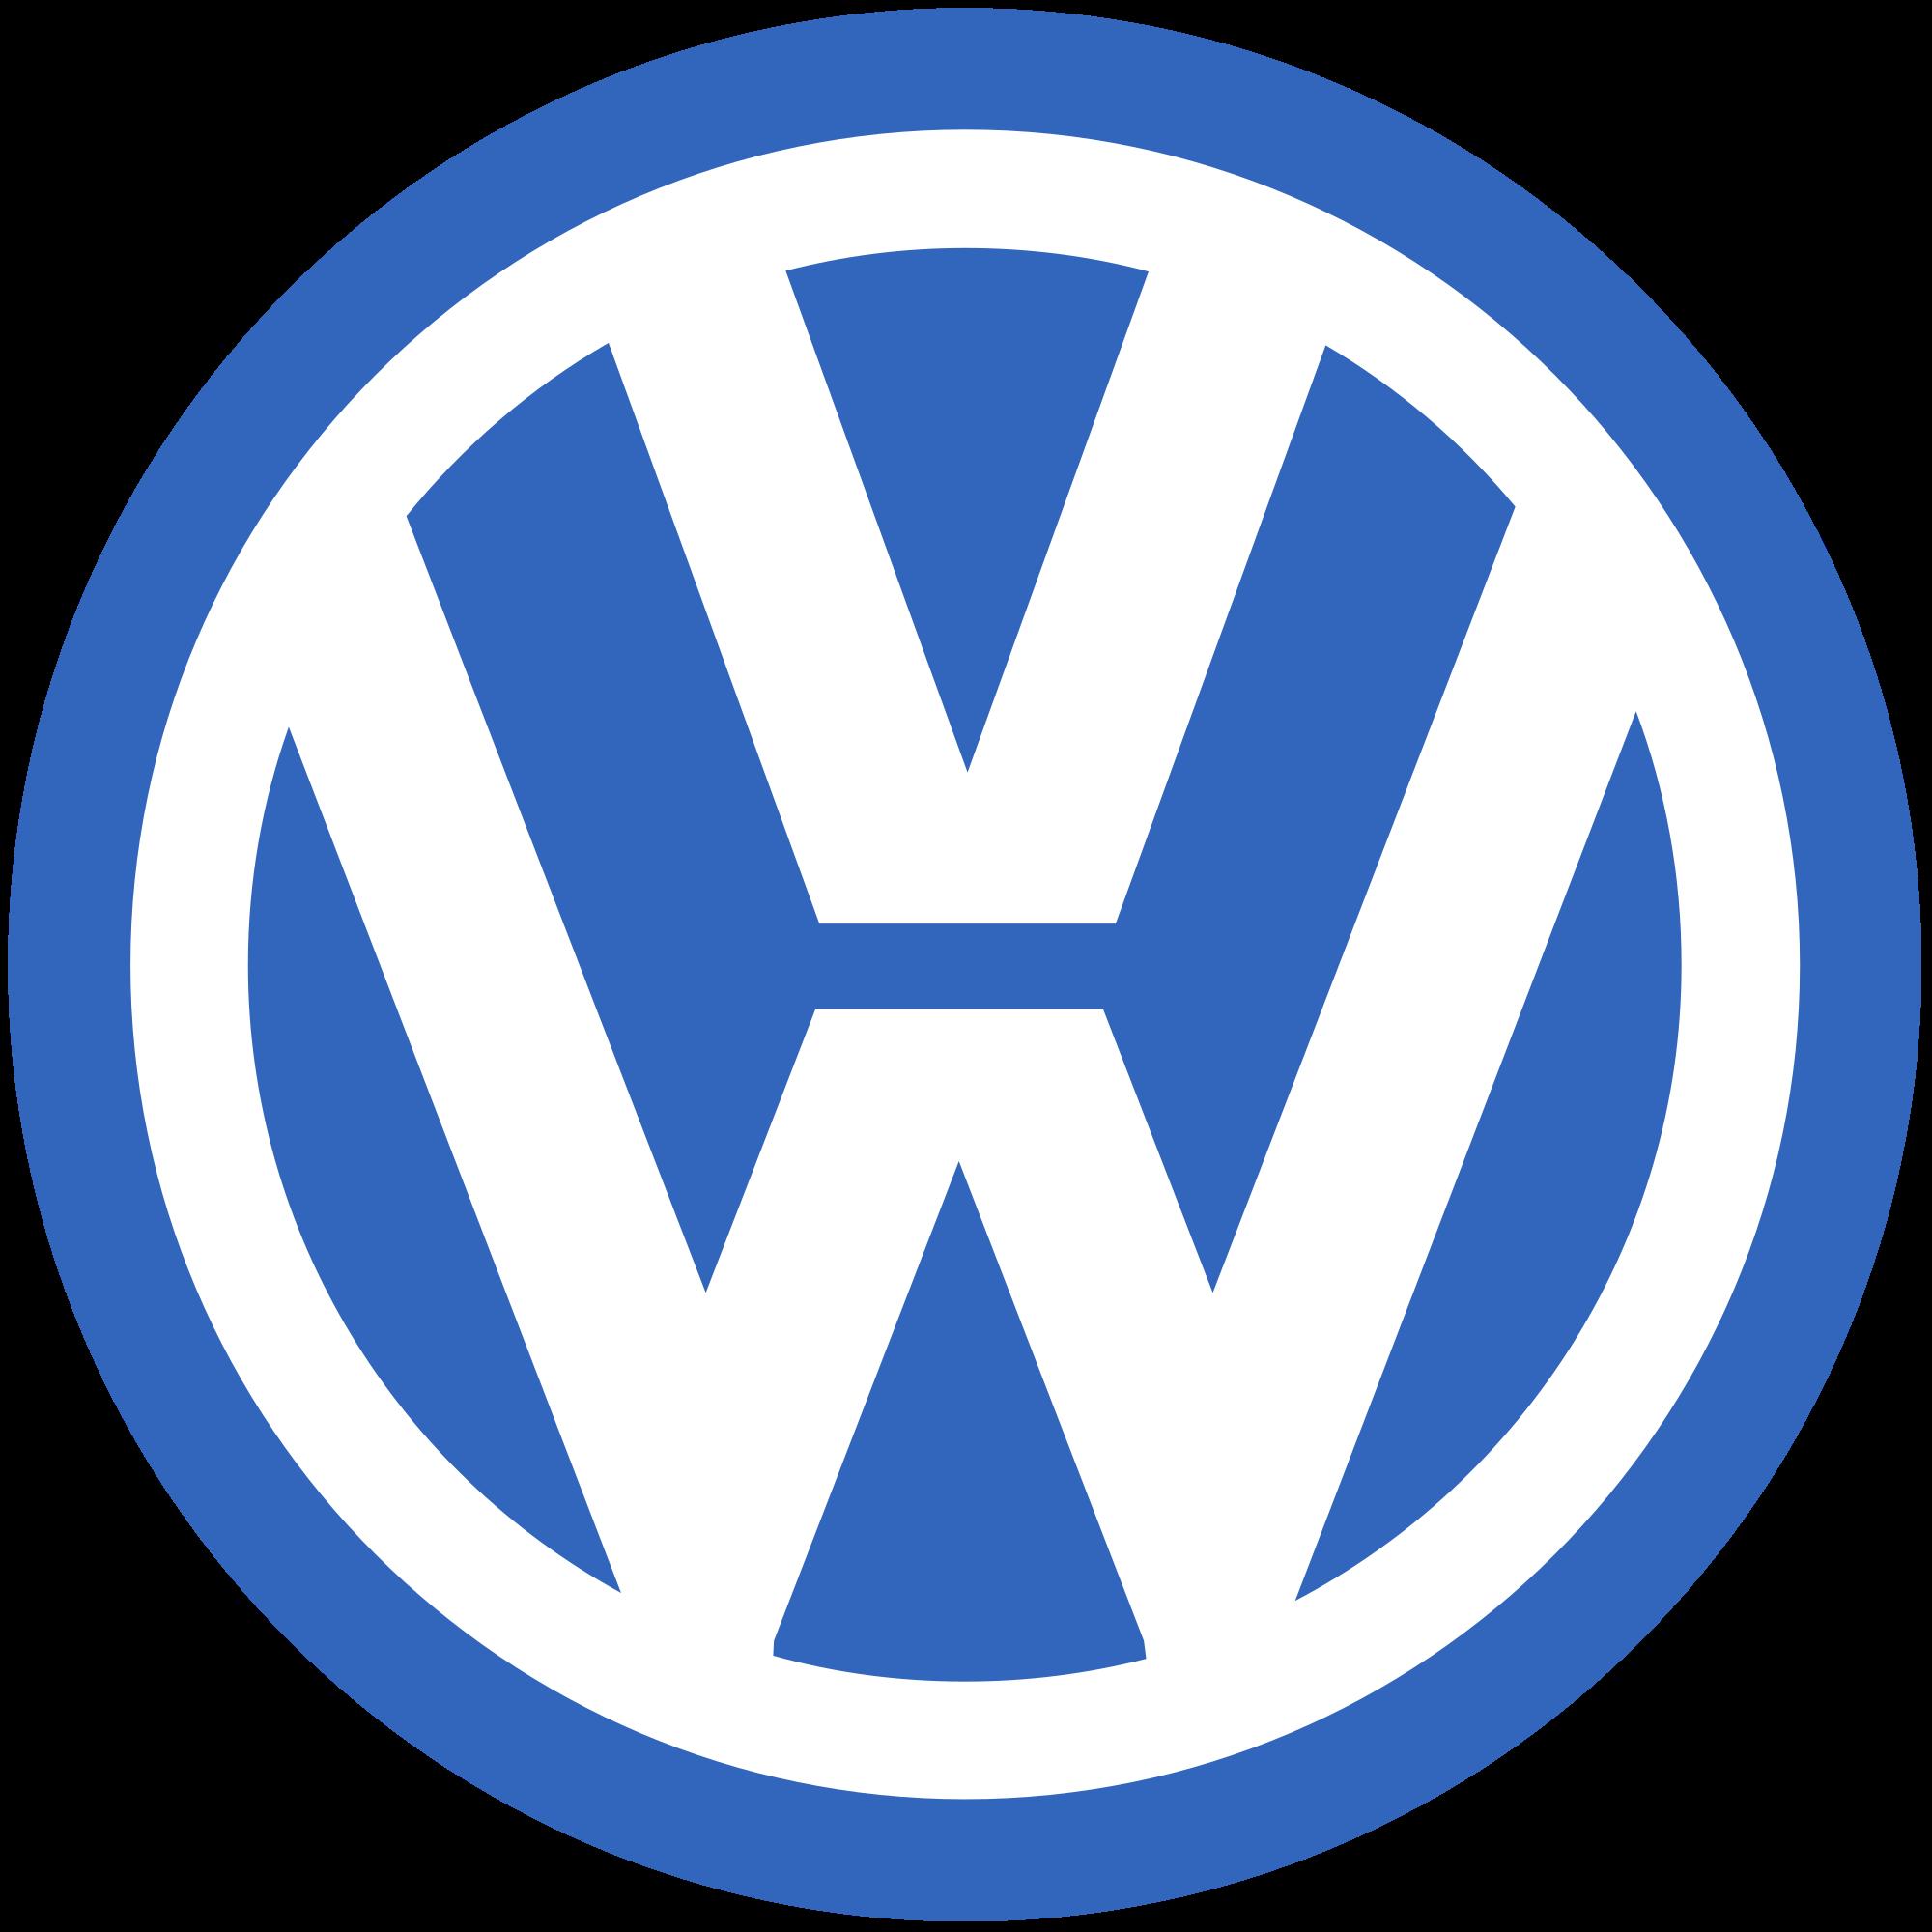 Volksw logo